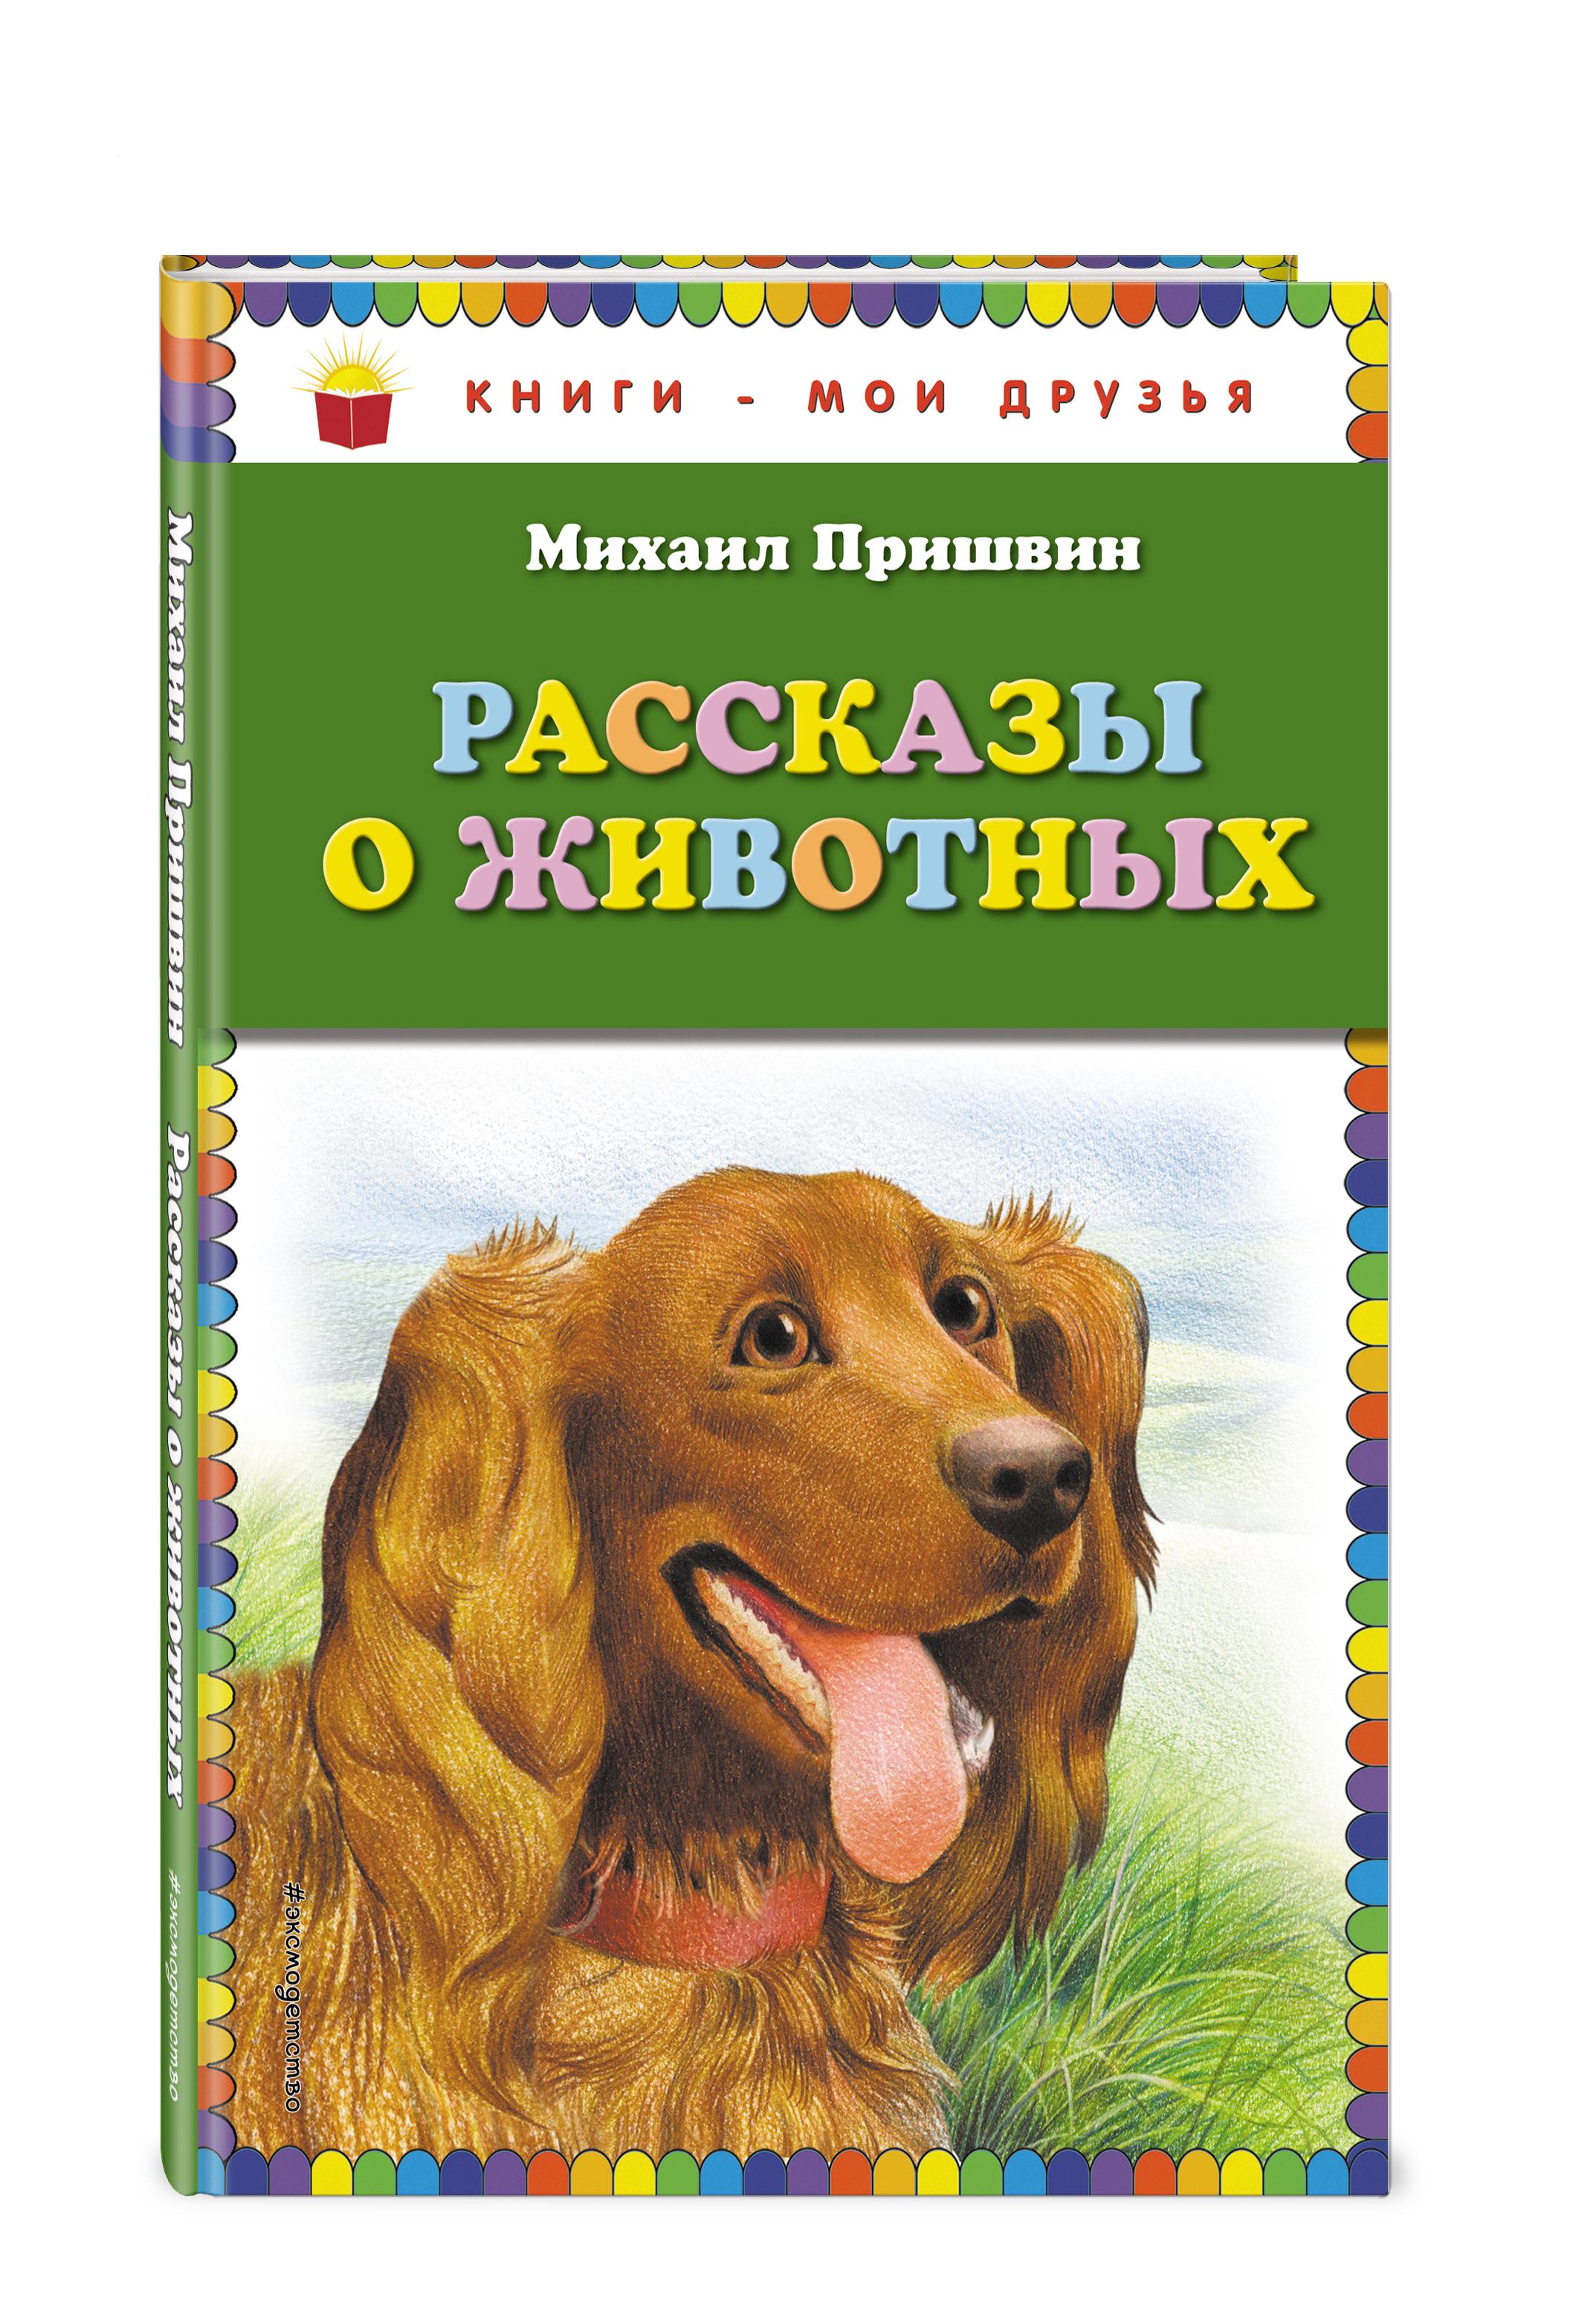 Рассказы о животных ( Пришвин М.М.  )